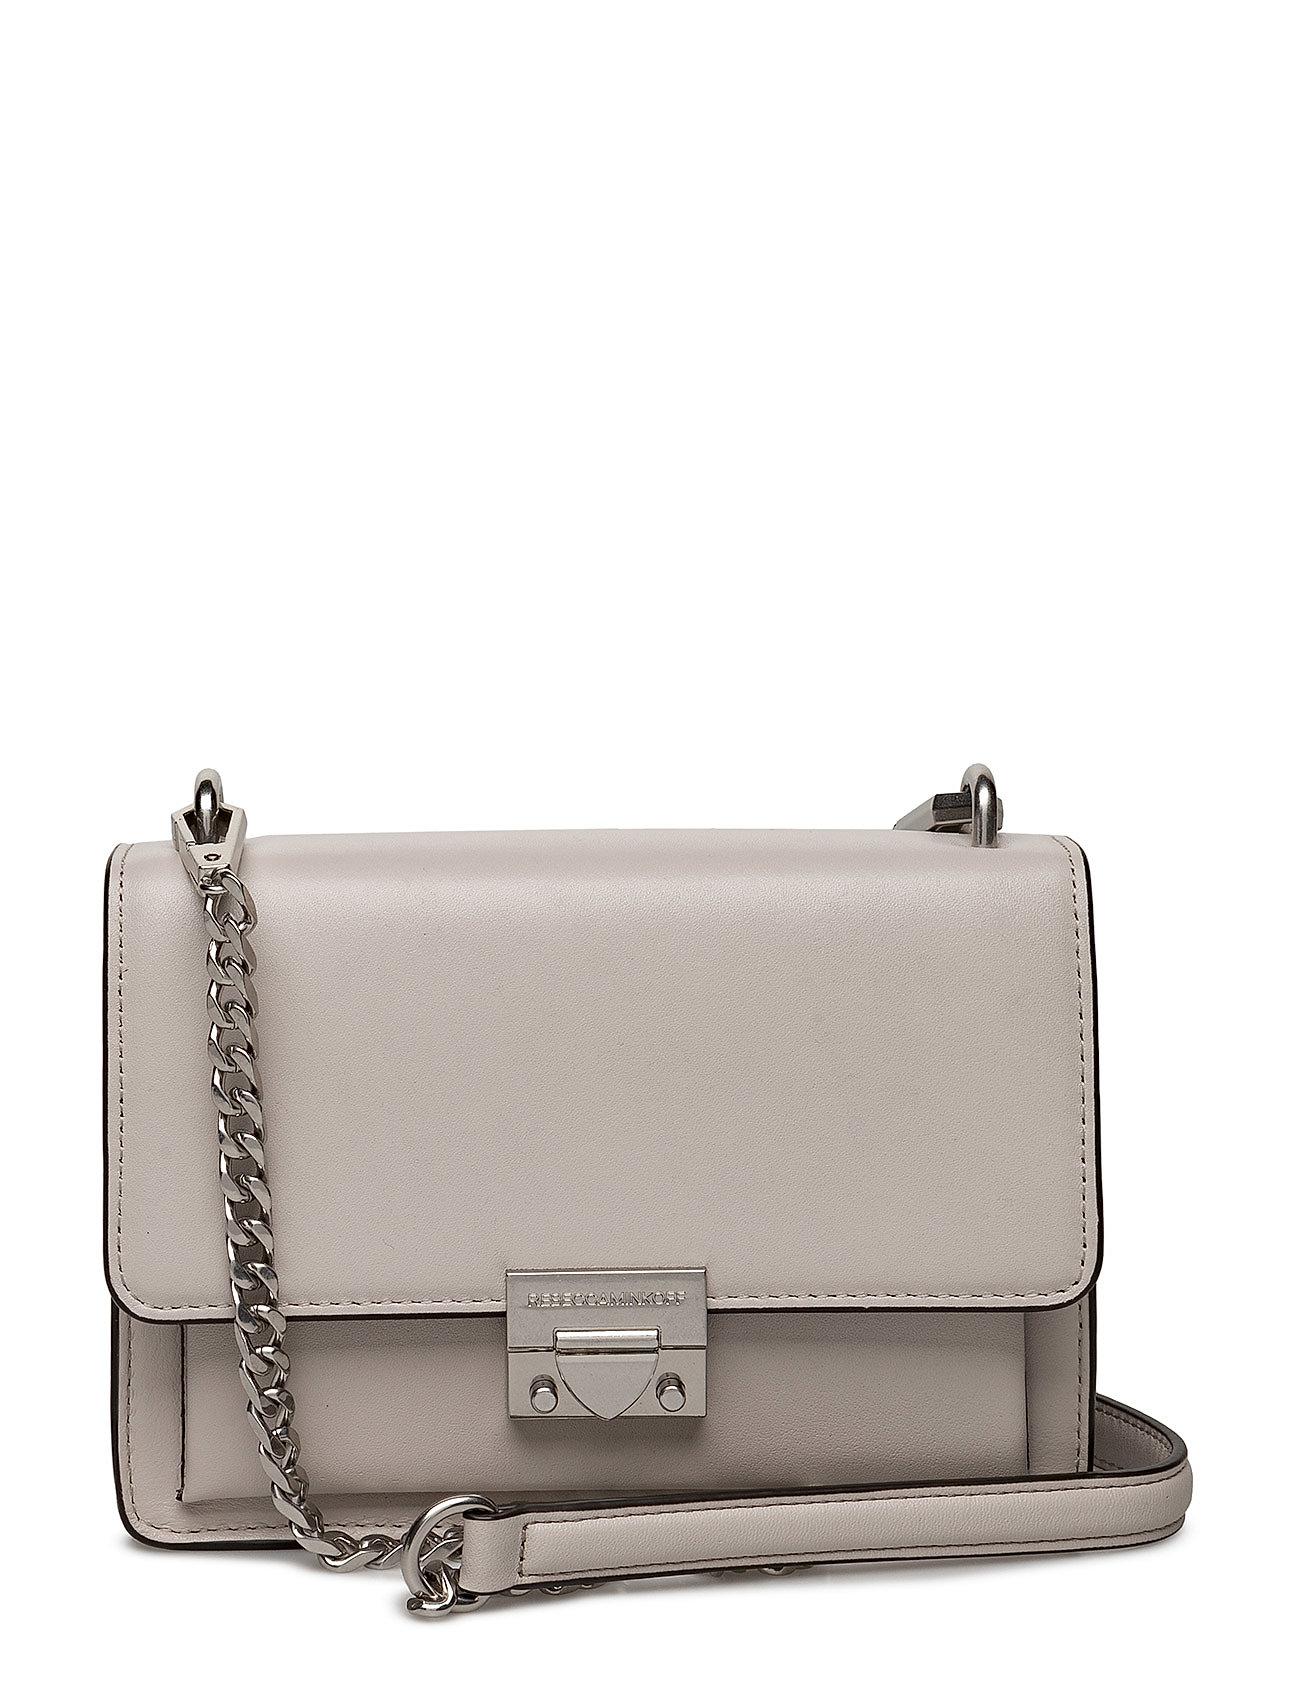 Christy Small Shoulder Bag